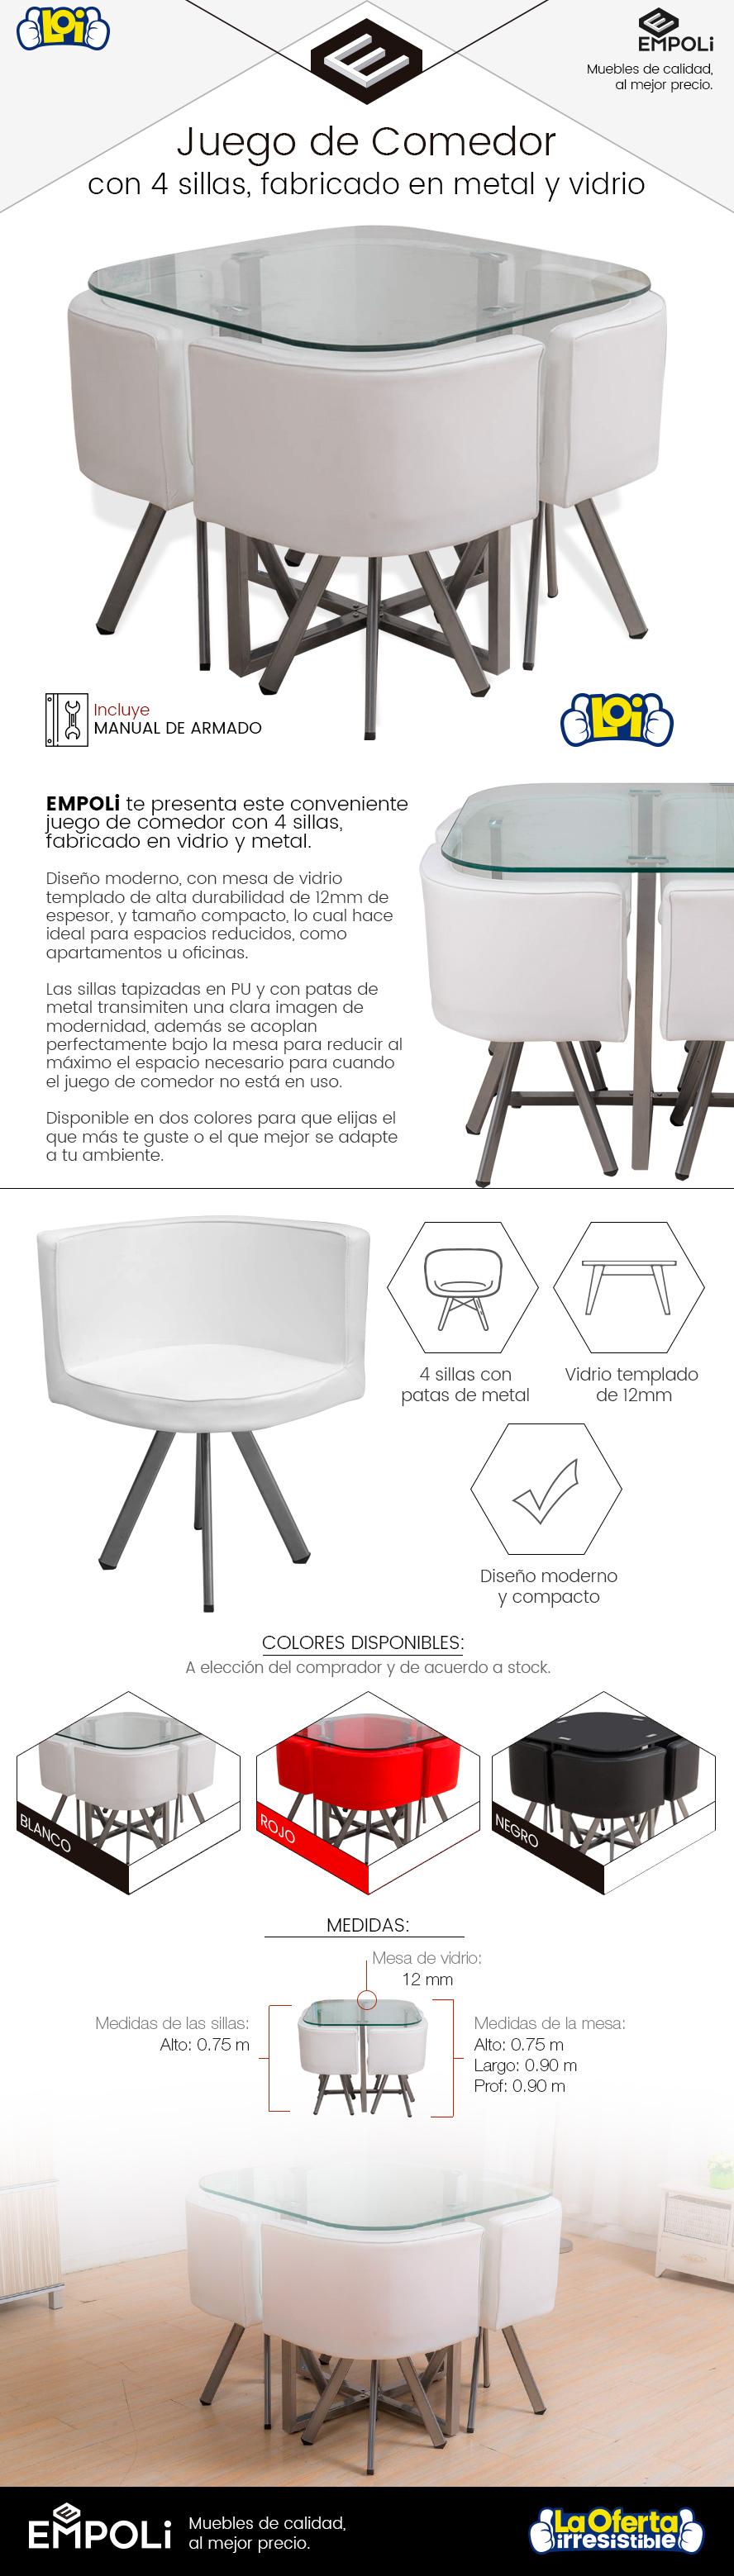 Juego de comedor empoli metal y vidrio 4 butacas negro for Juego de comedor 4 sillas moderno